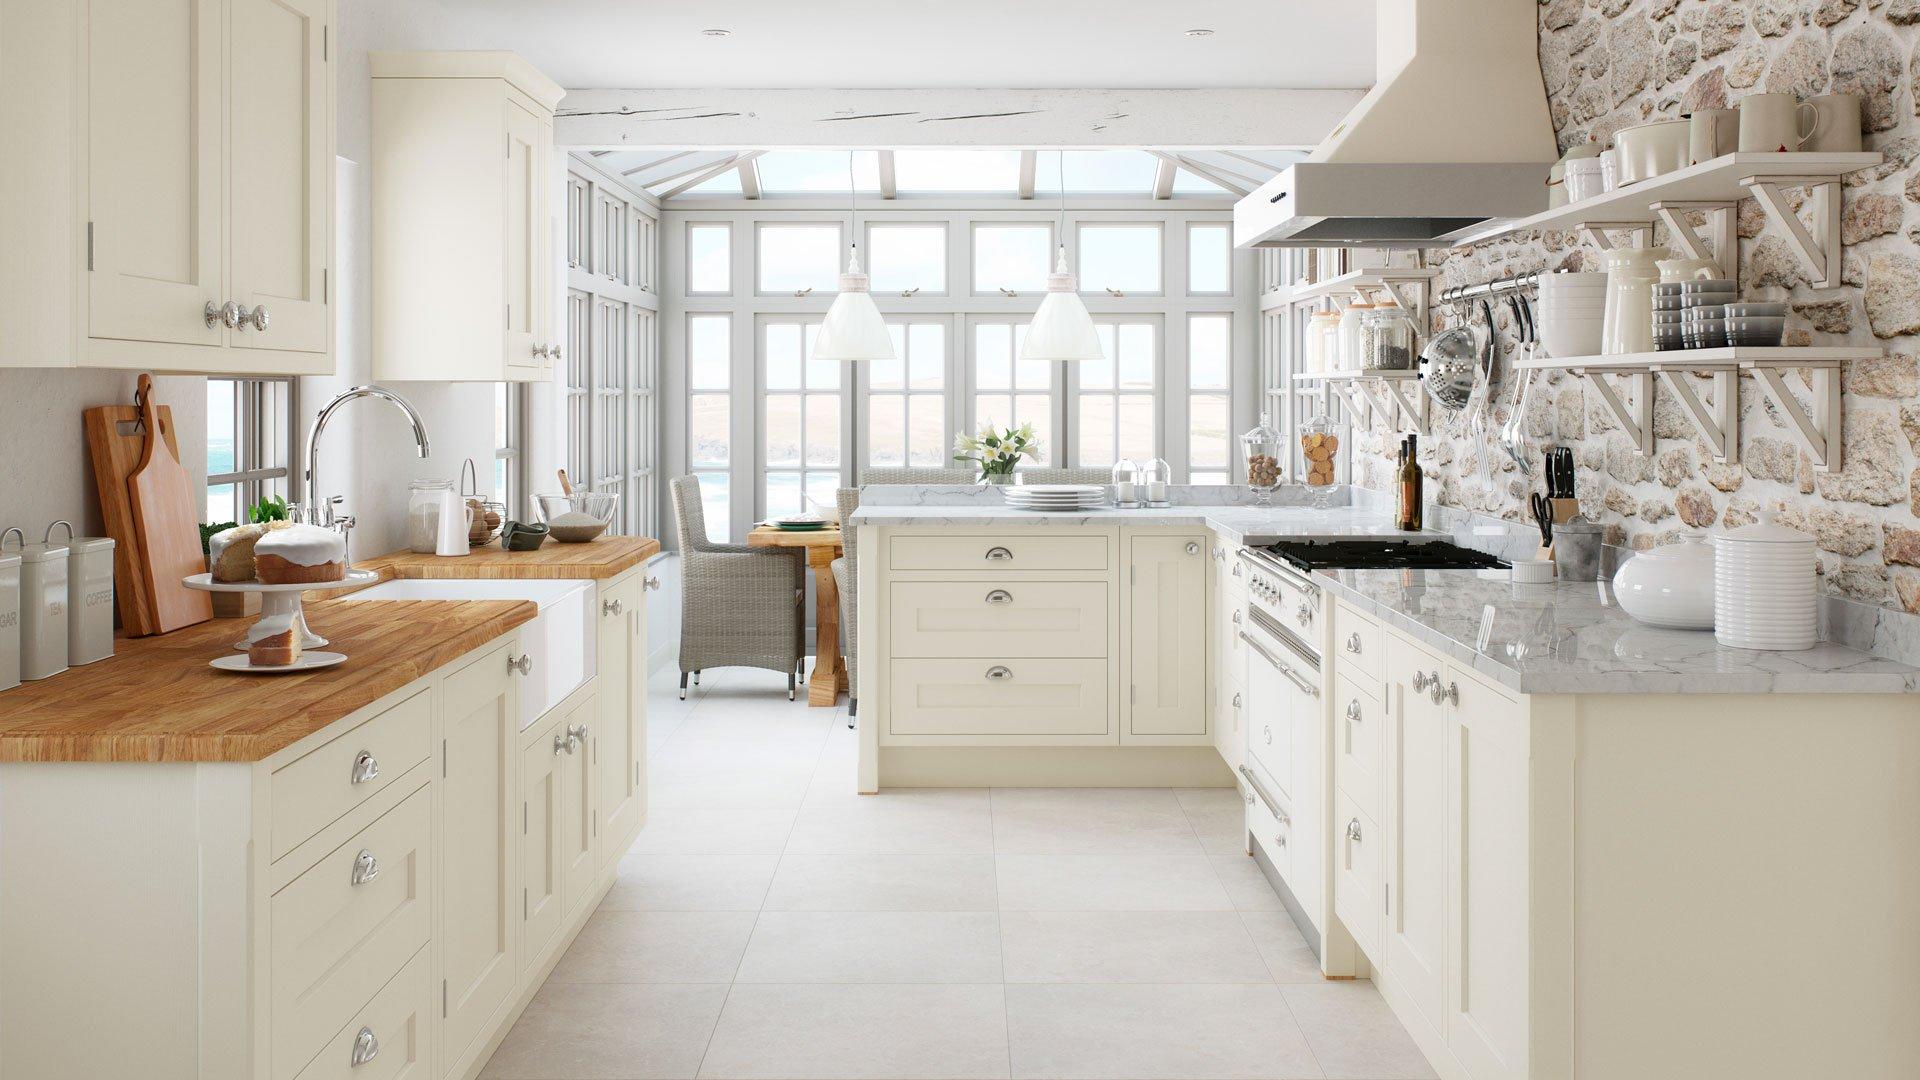 Multiwood Baystone Cream Shaker In-Frame Kitchen